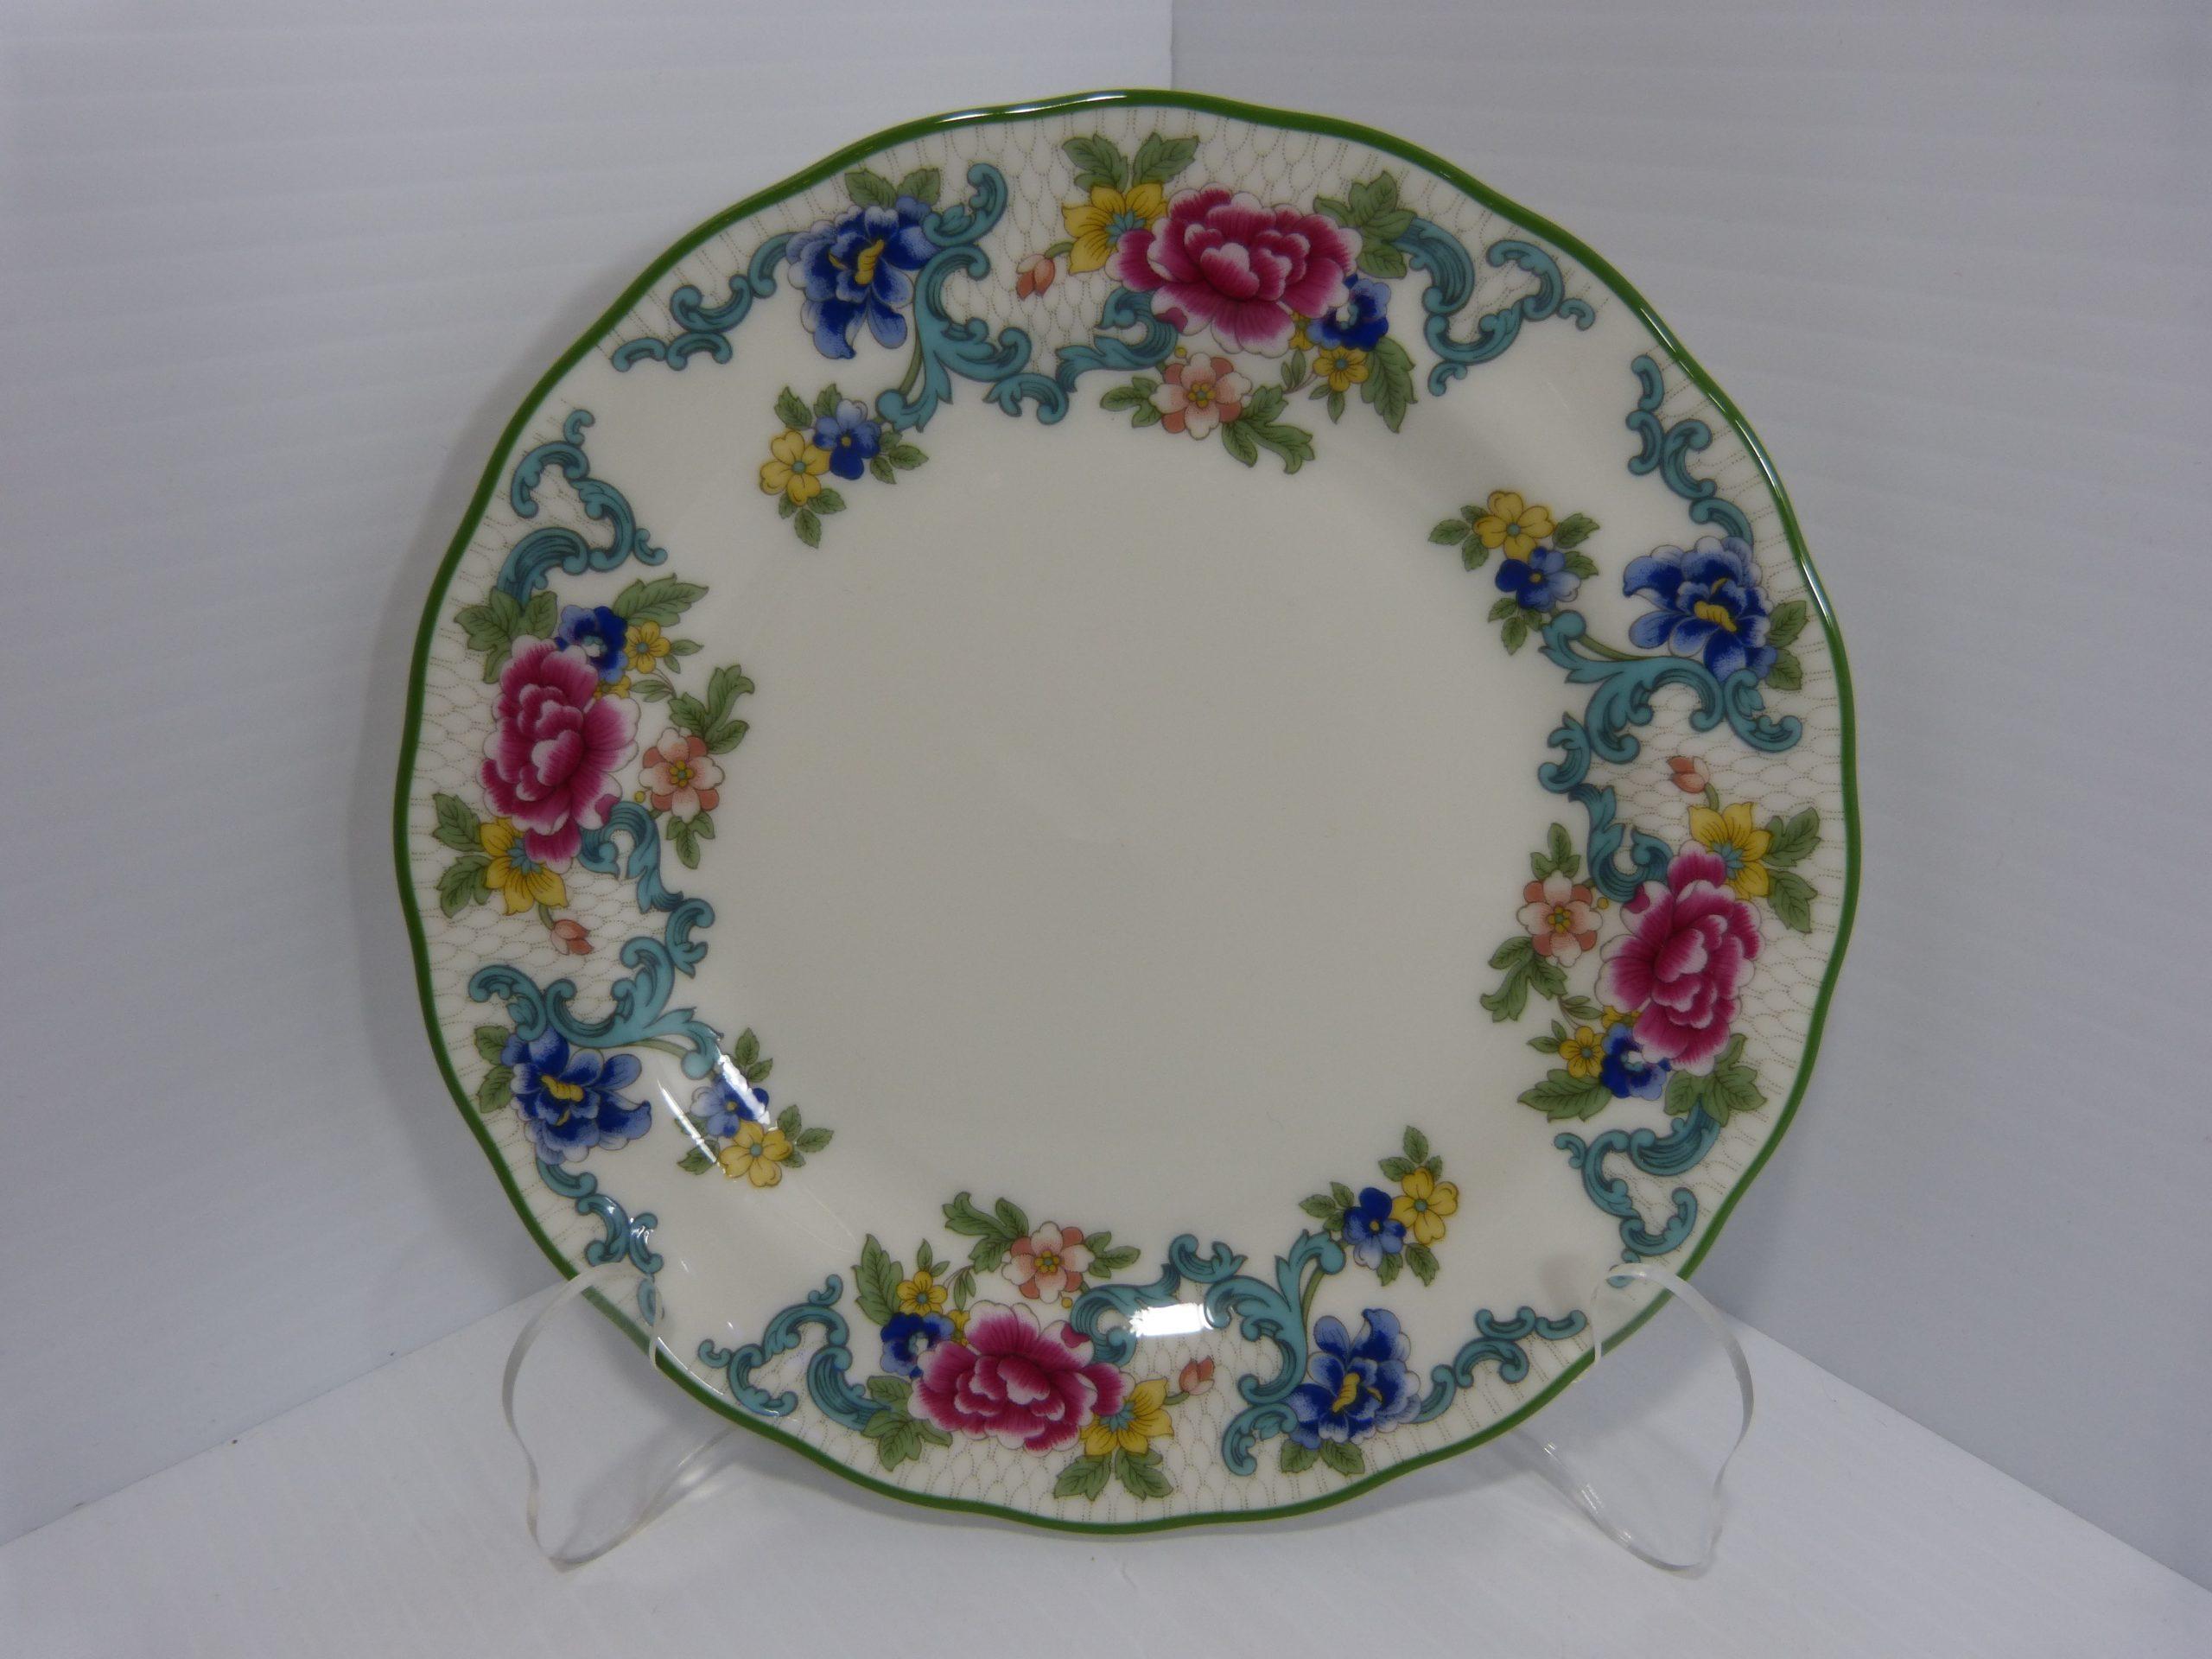 Royal Doulton Floradora Green Side Plate